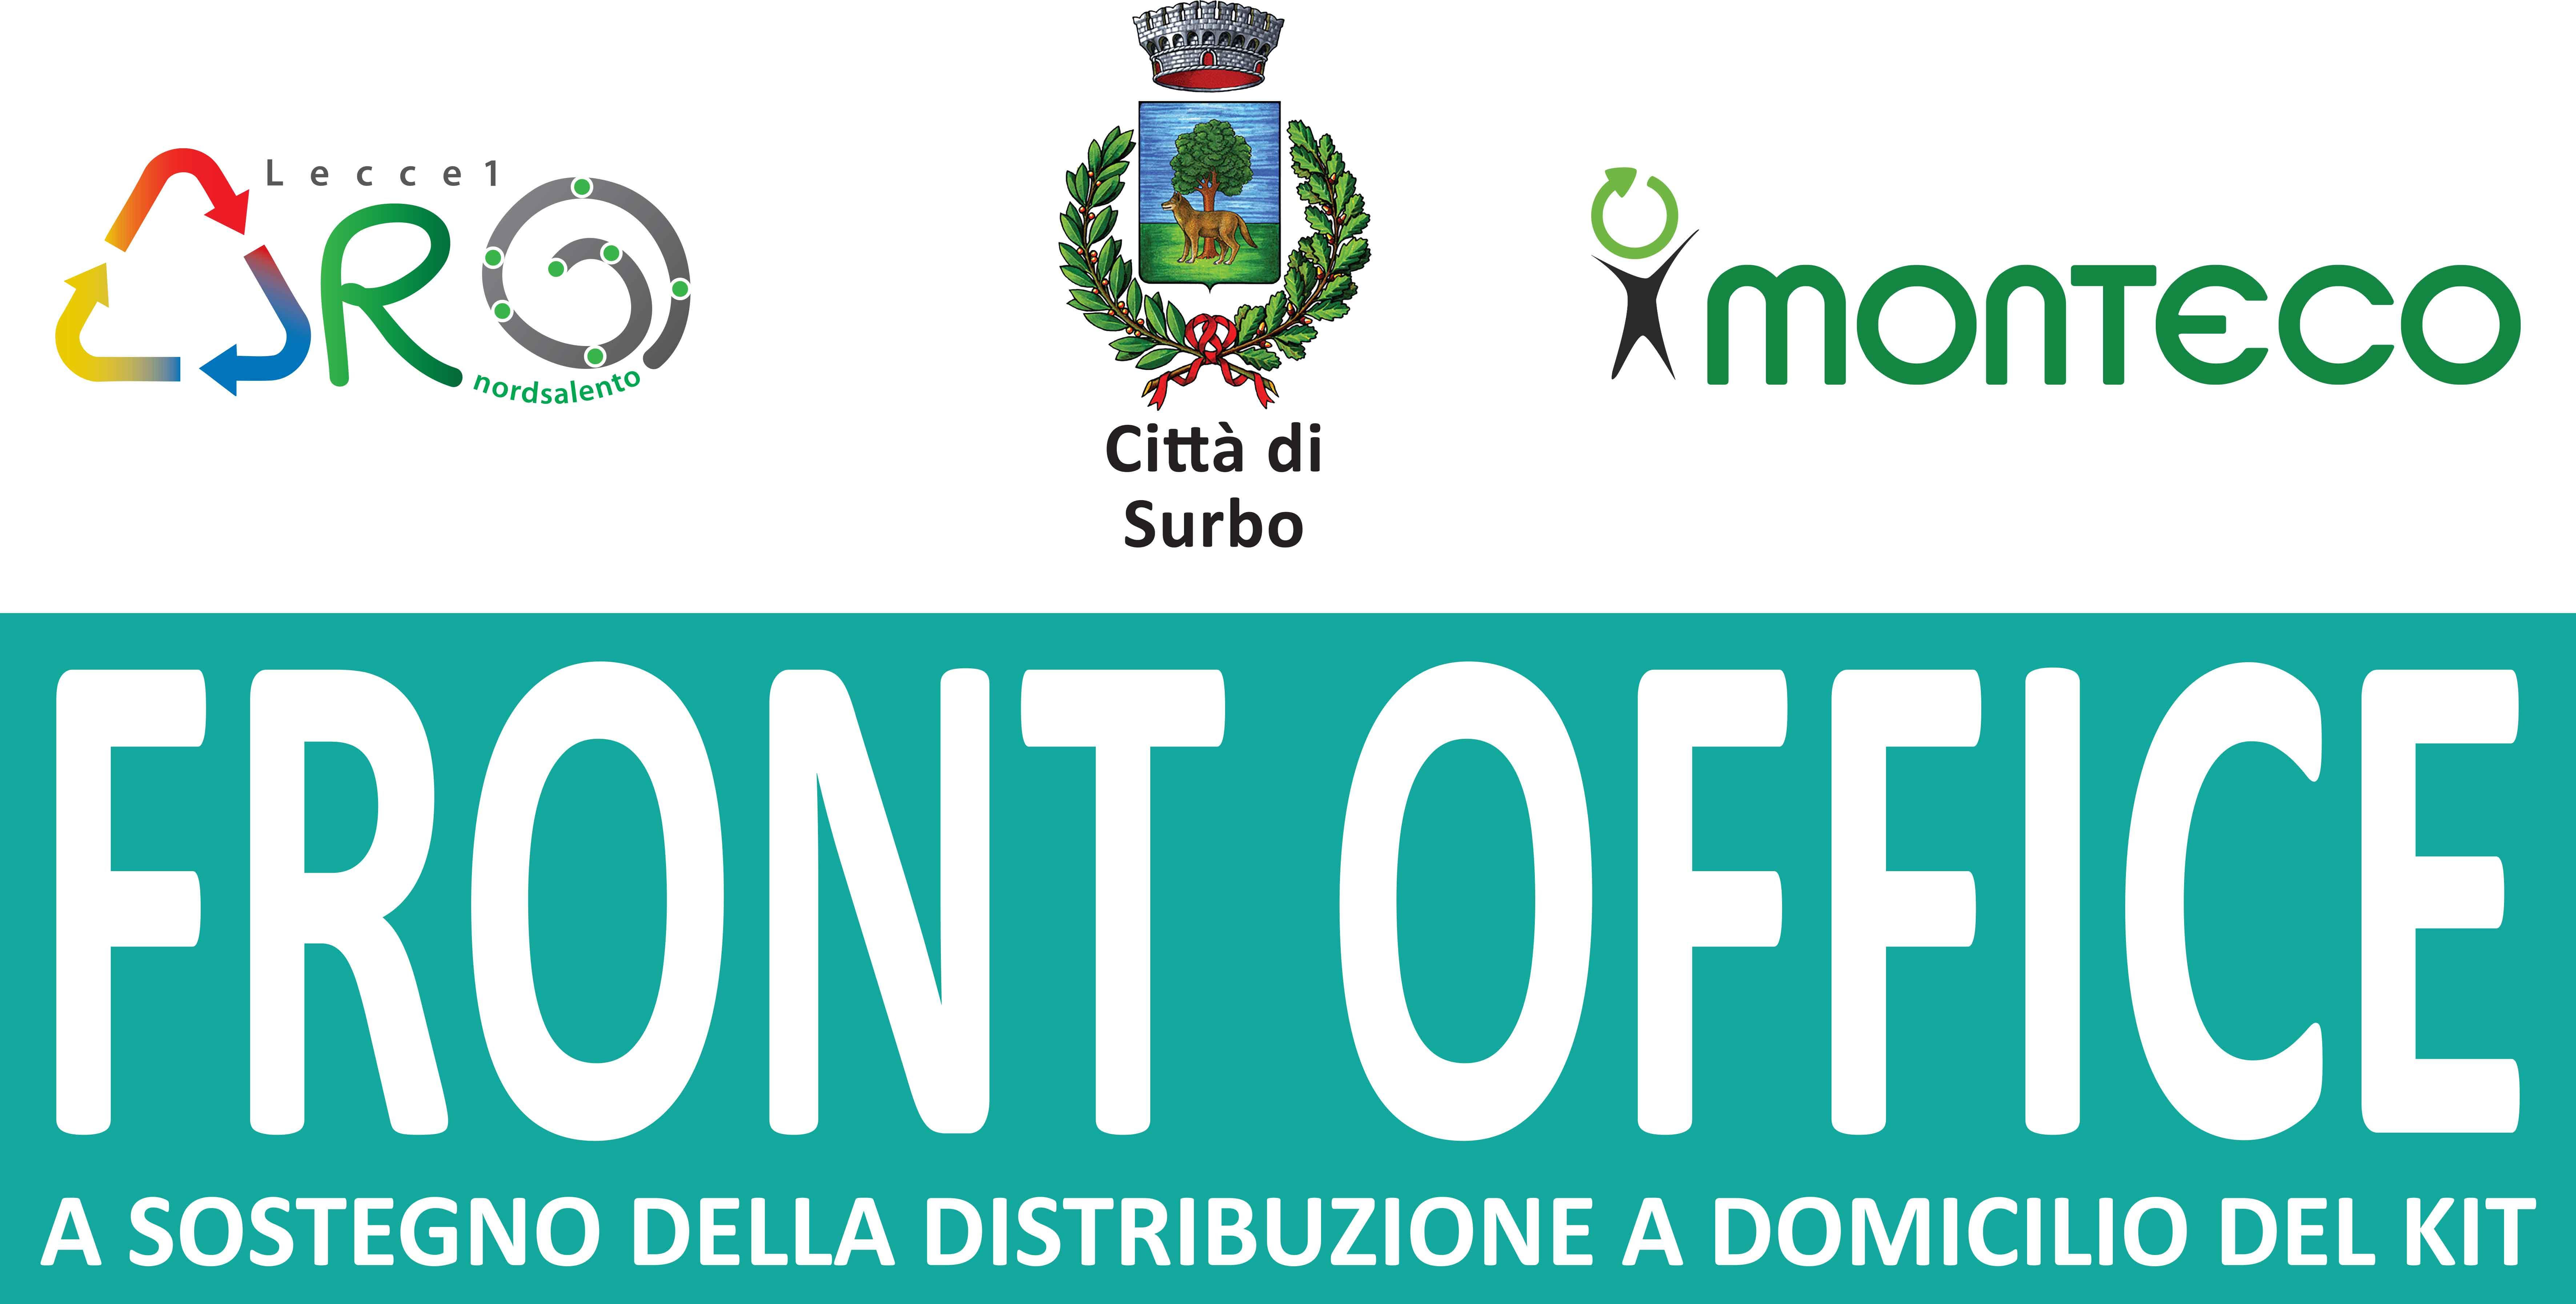 Surbo. Orari di apertura del Front Office a supporto della distribuzione porta a porta del kit di raccolta